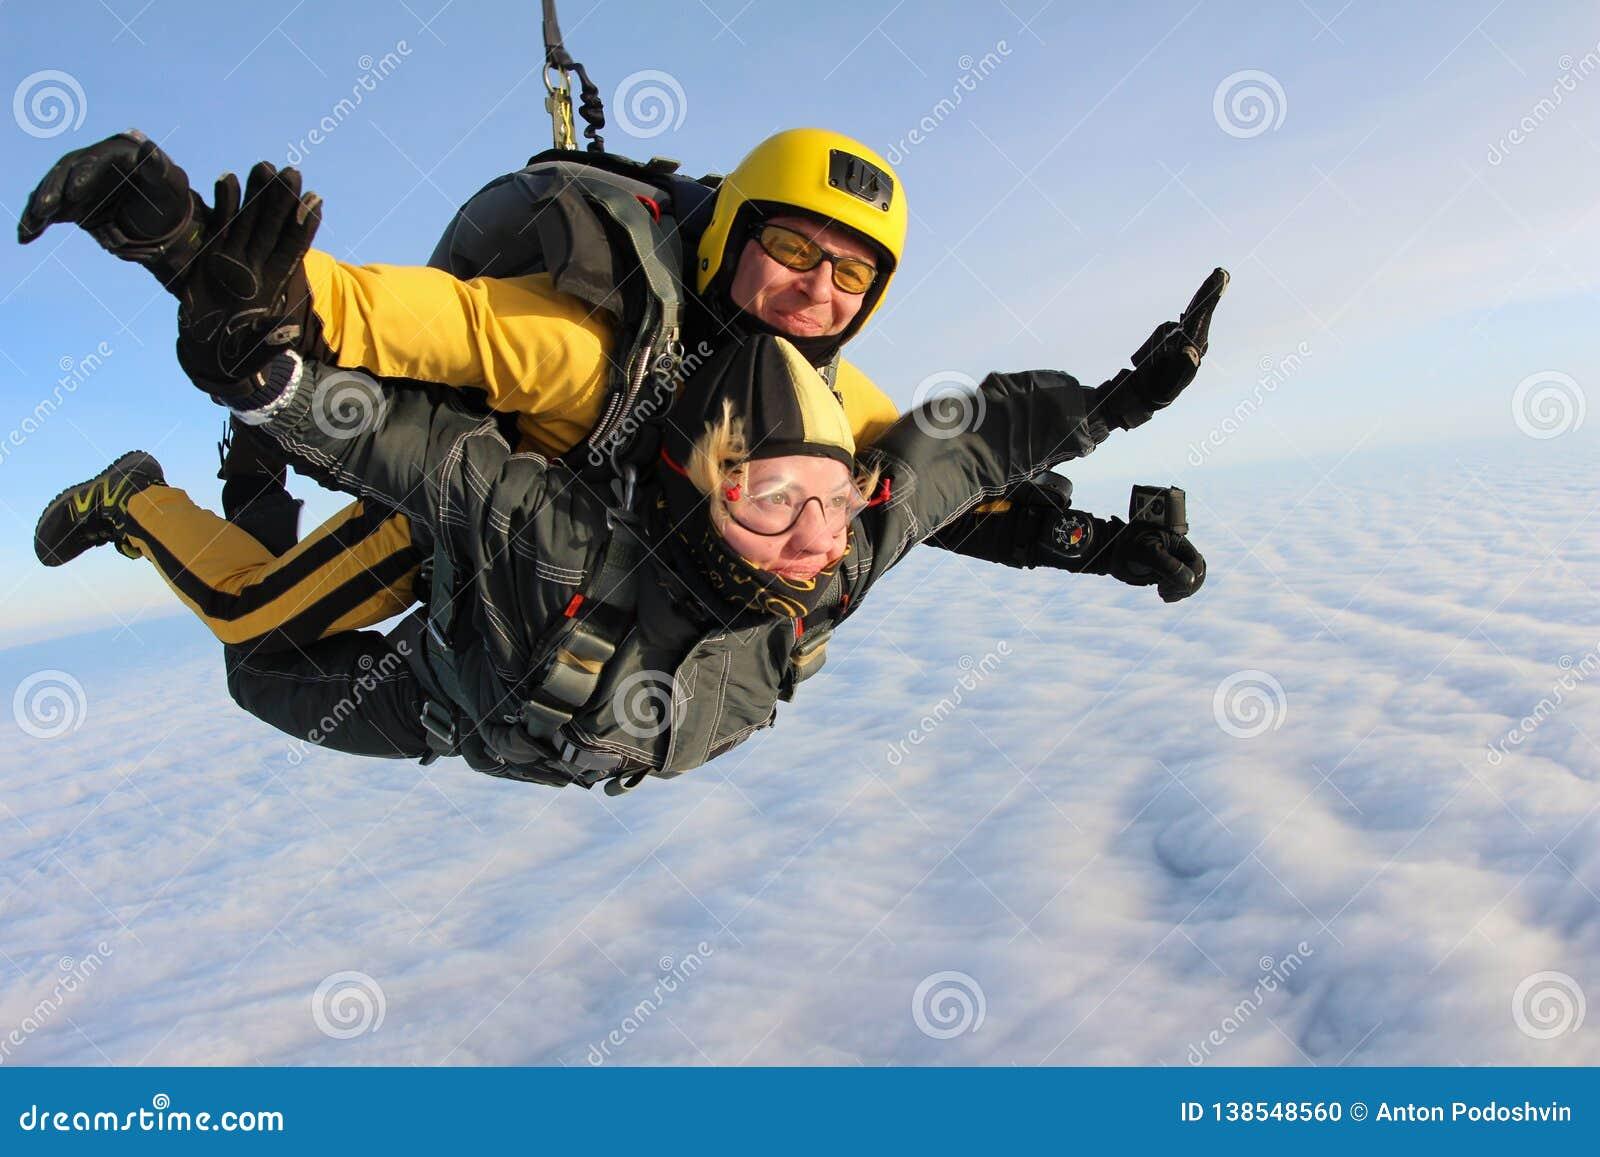 Tandemt hoppa med fritt fall Skydivers flyger ovanför vita moln